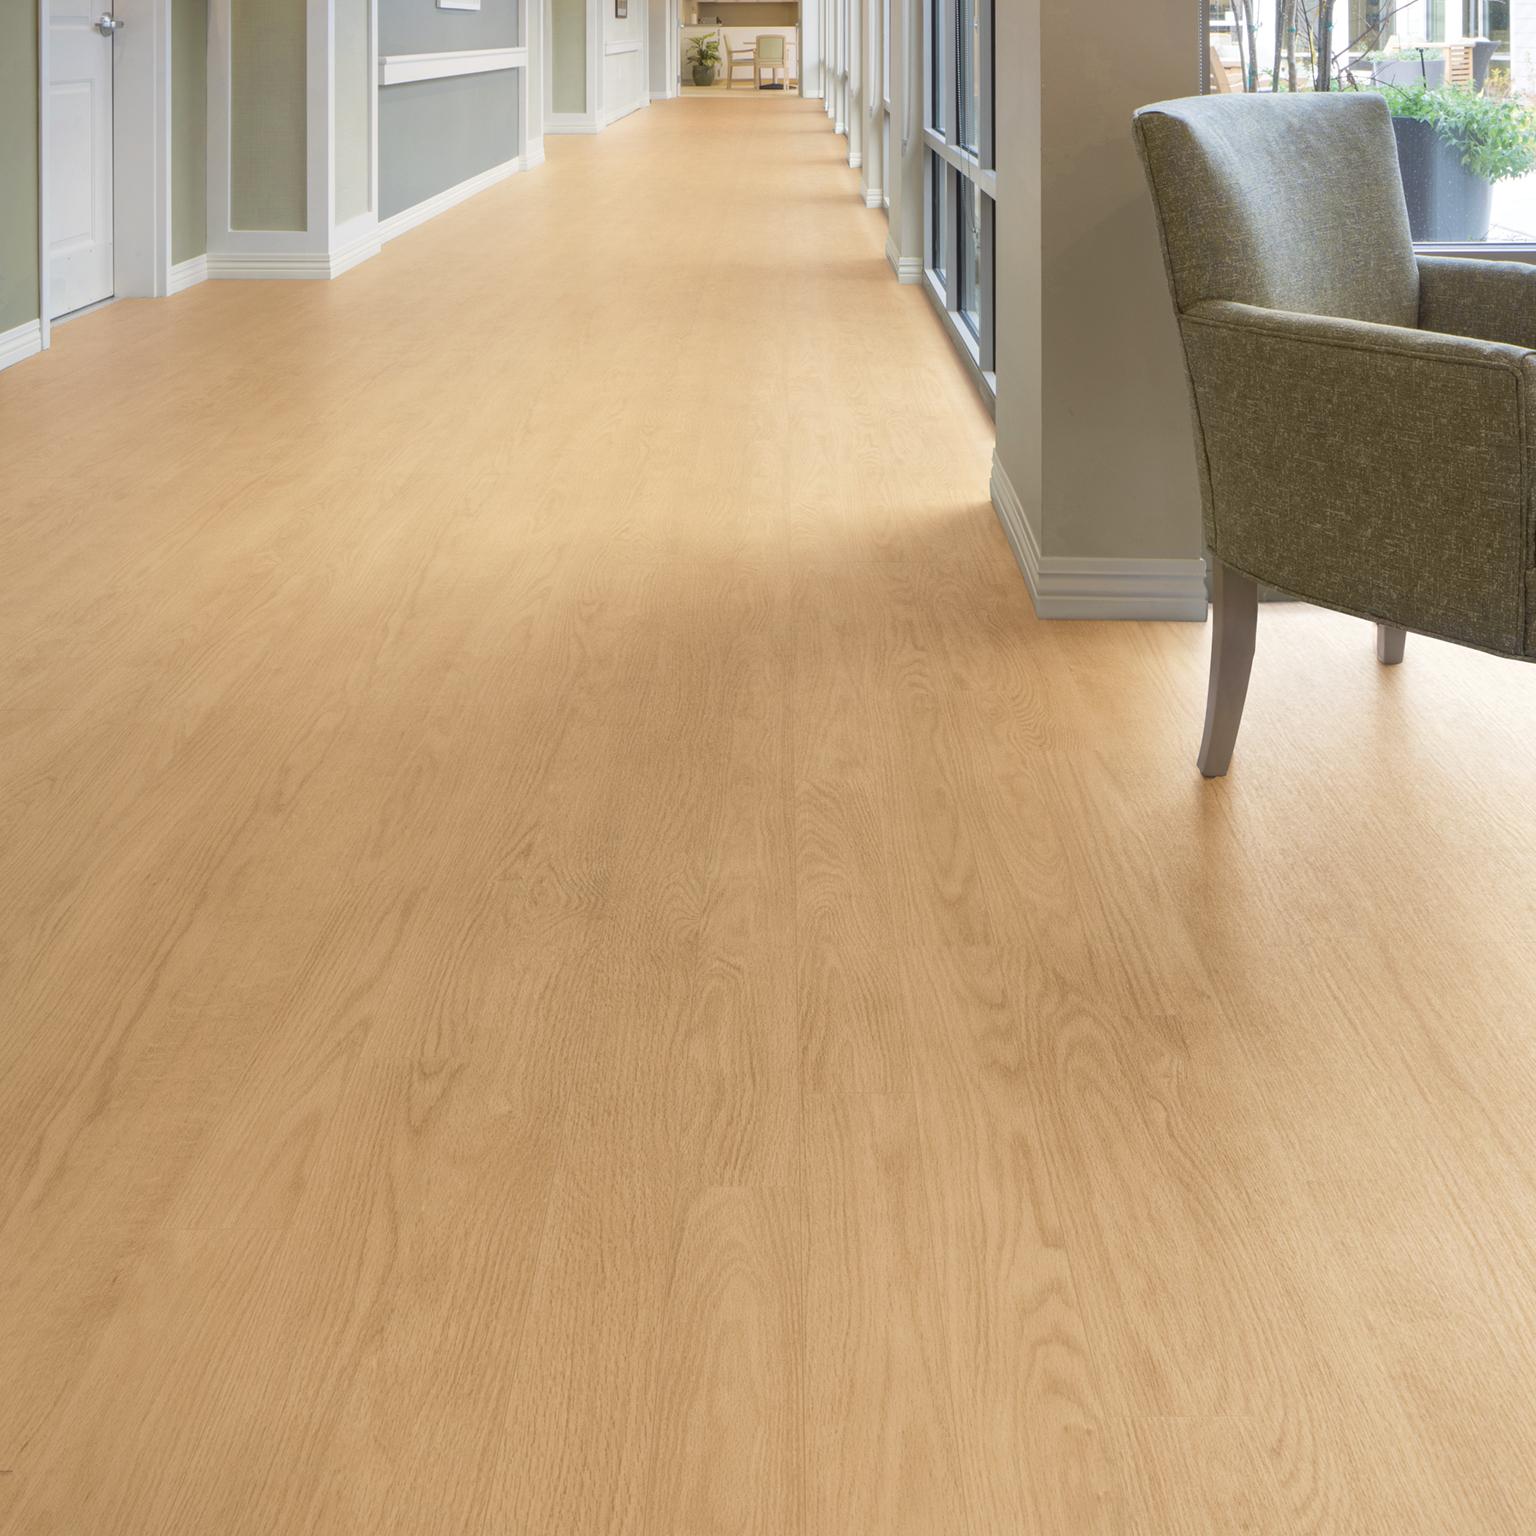 Southern Oak Ii Heterogeneous Hard Surface